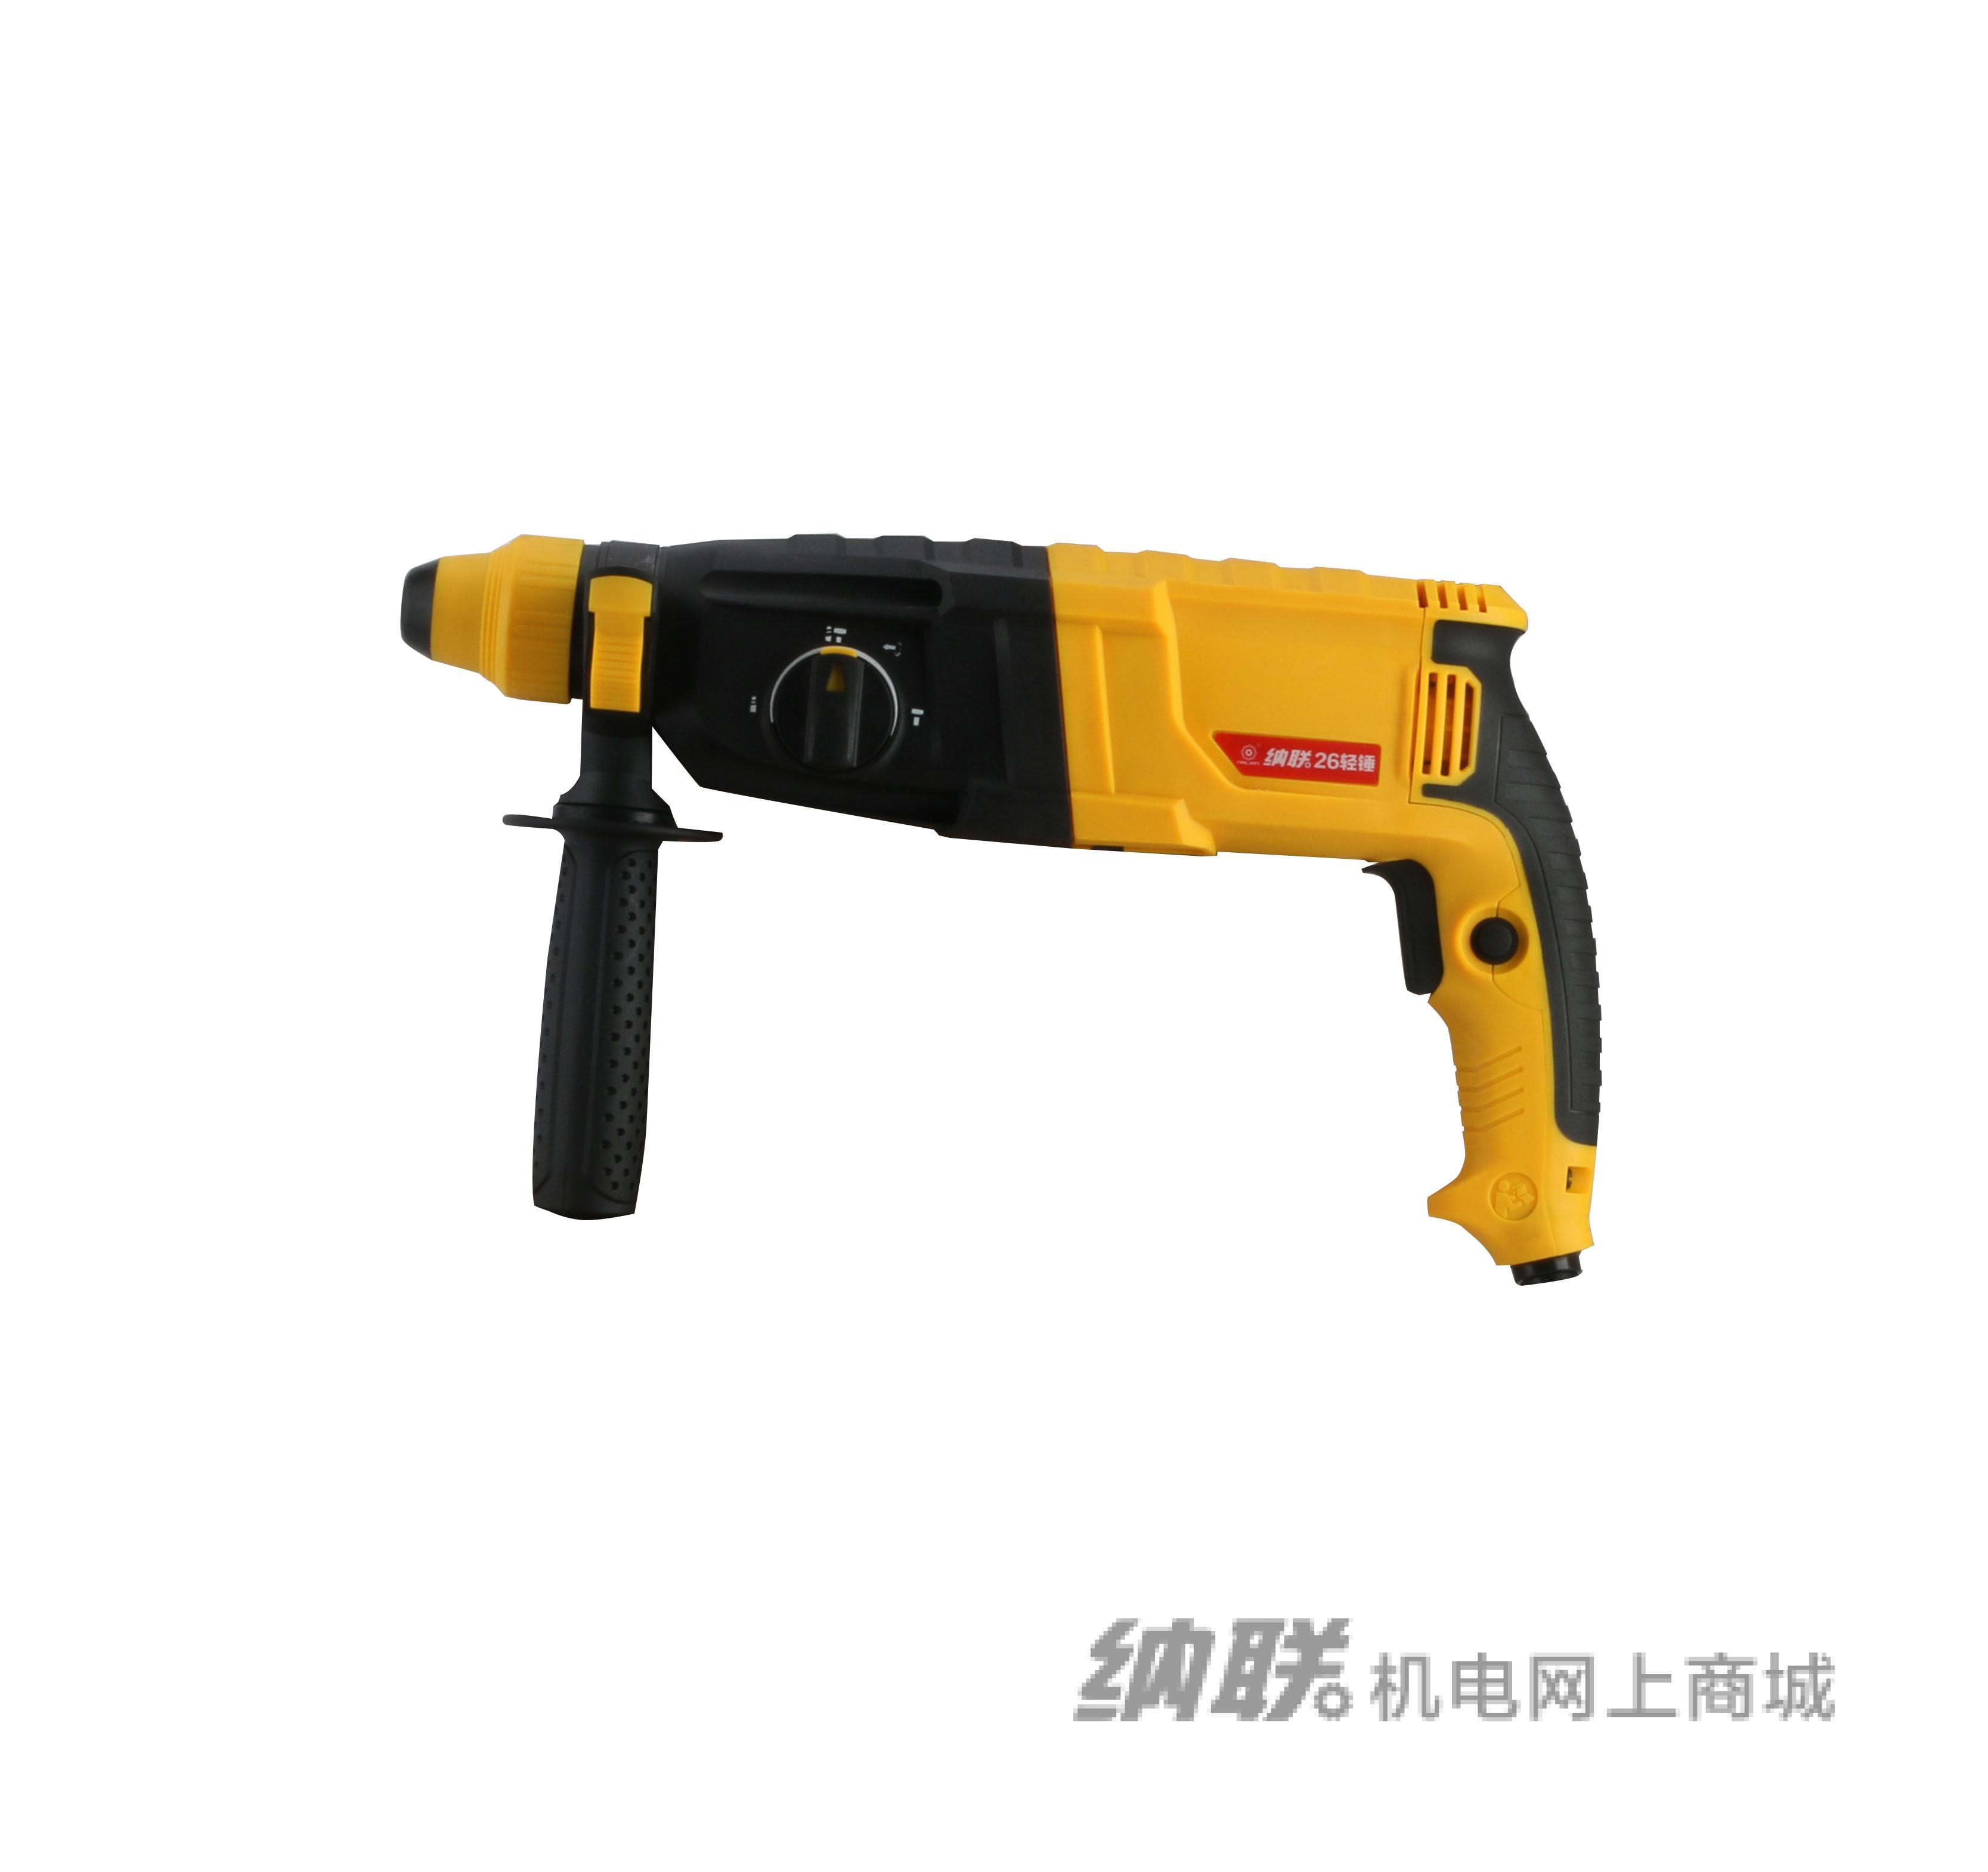 纳联机电 电锤-Z1A2-26SRE/780W三用轻型